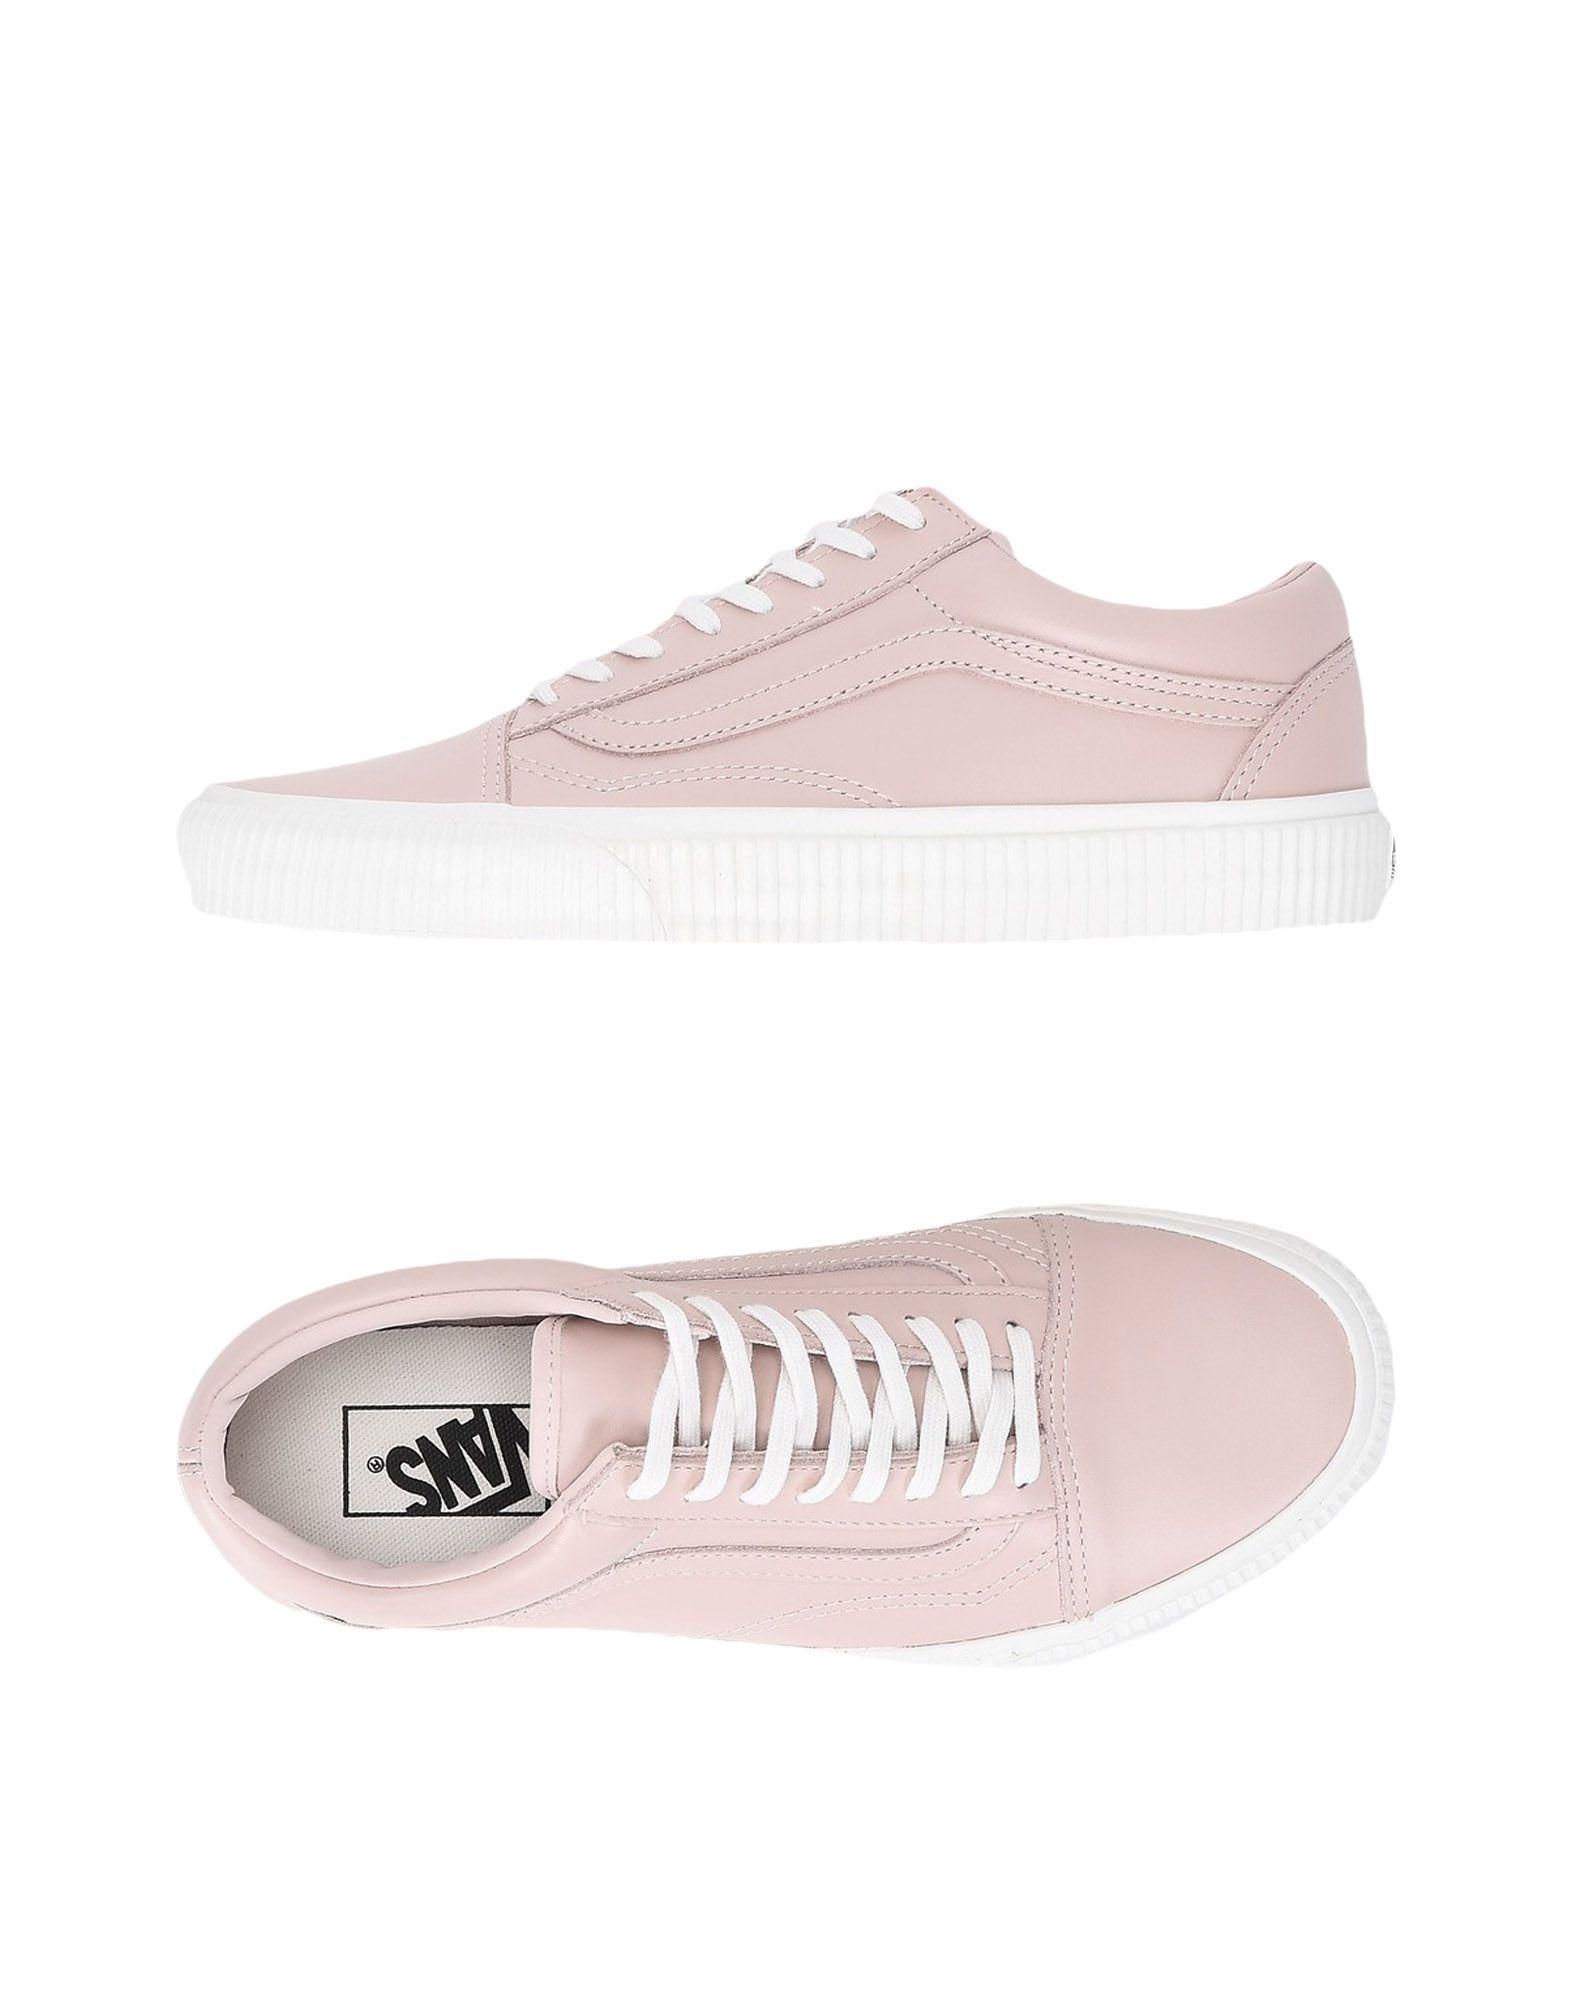 e4fc7fc59d Vans Ua Old Skool - Sneakers - Women Vans Sneakers online on YOOX ...